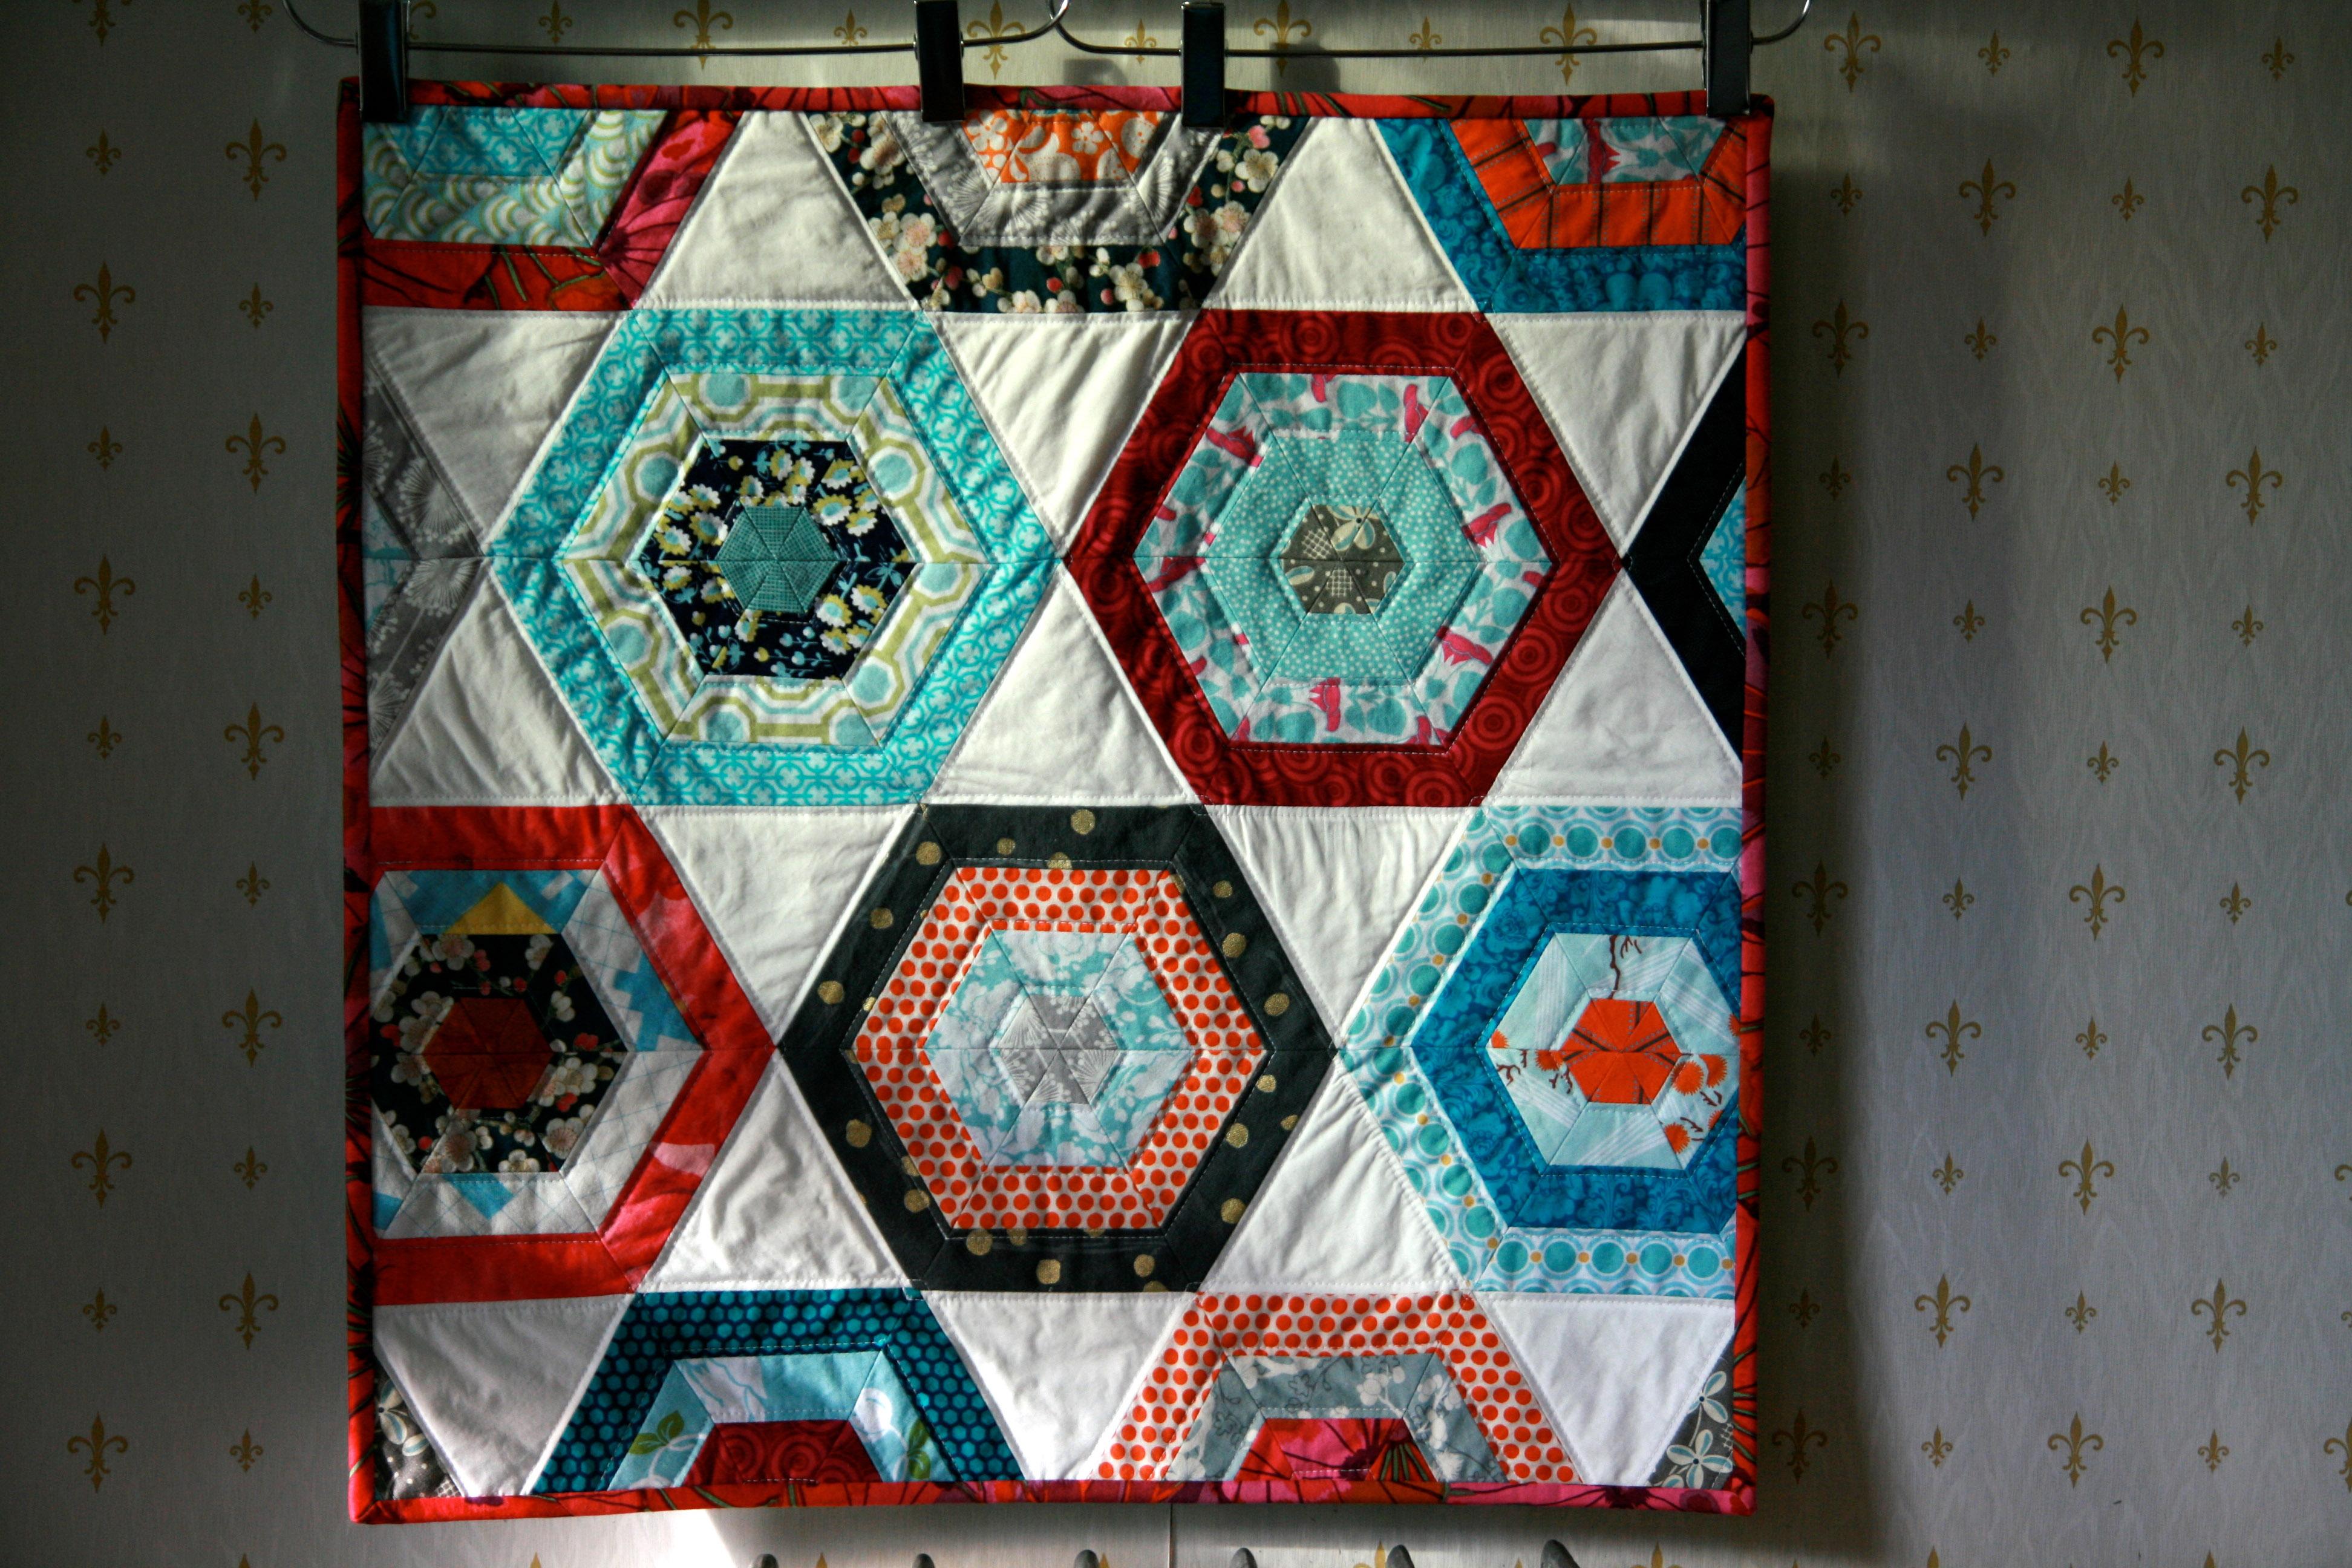 Hintergrundbilder : blau, Hexagon, Dreieck, Muster, Kunst, KUNST ...